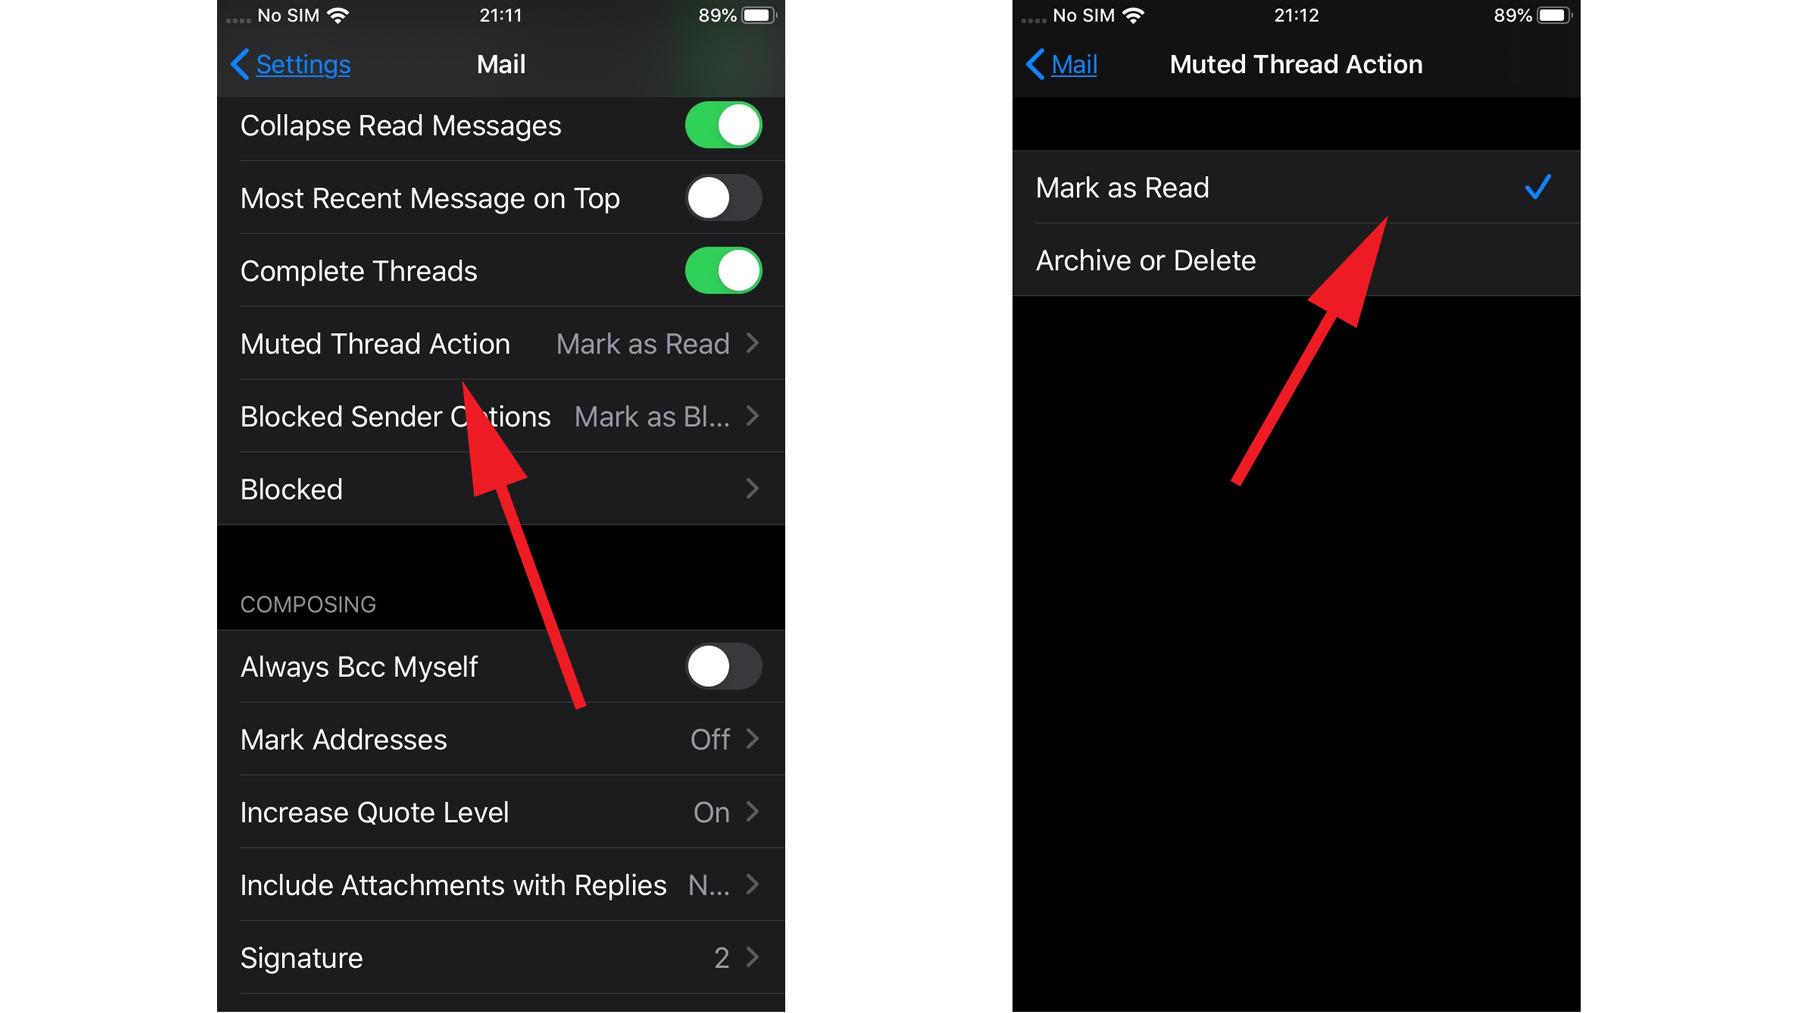 Cómo silenciar una conversación de correo electrónico en iOS 13: Acción de silencio del hilo